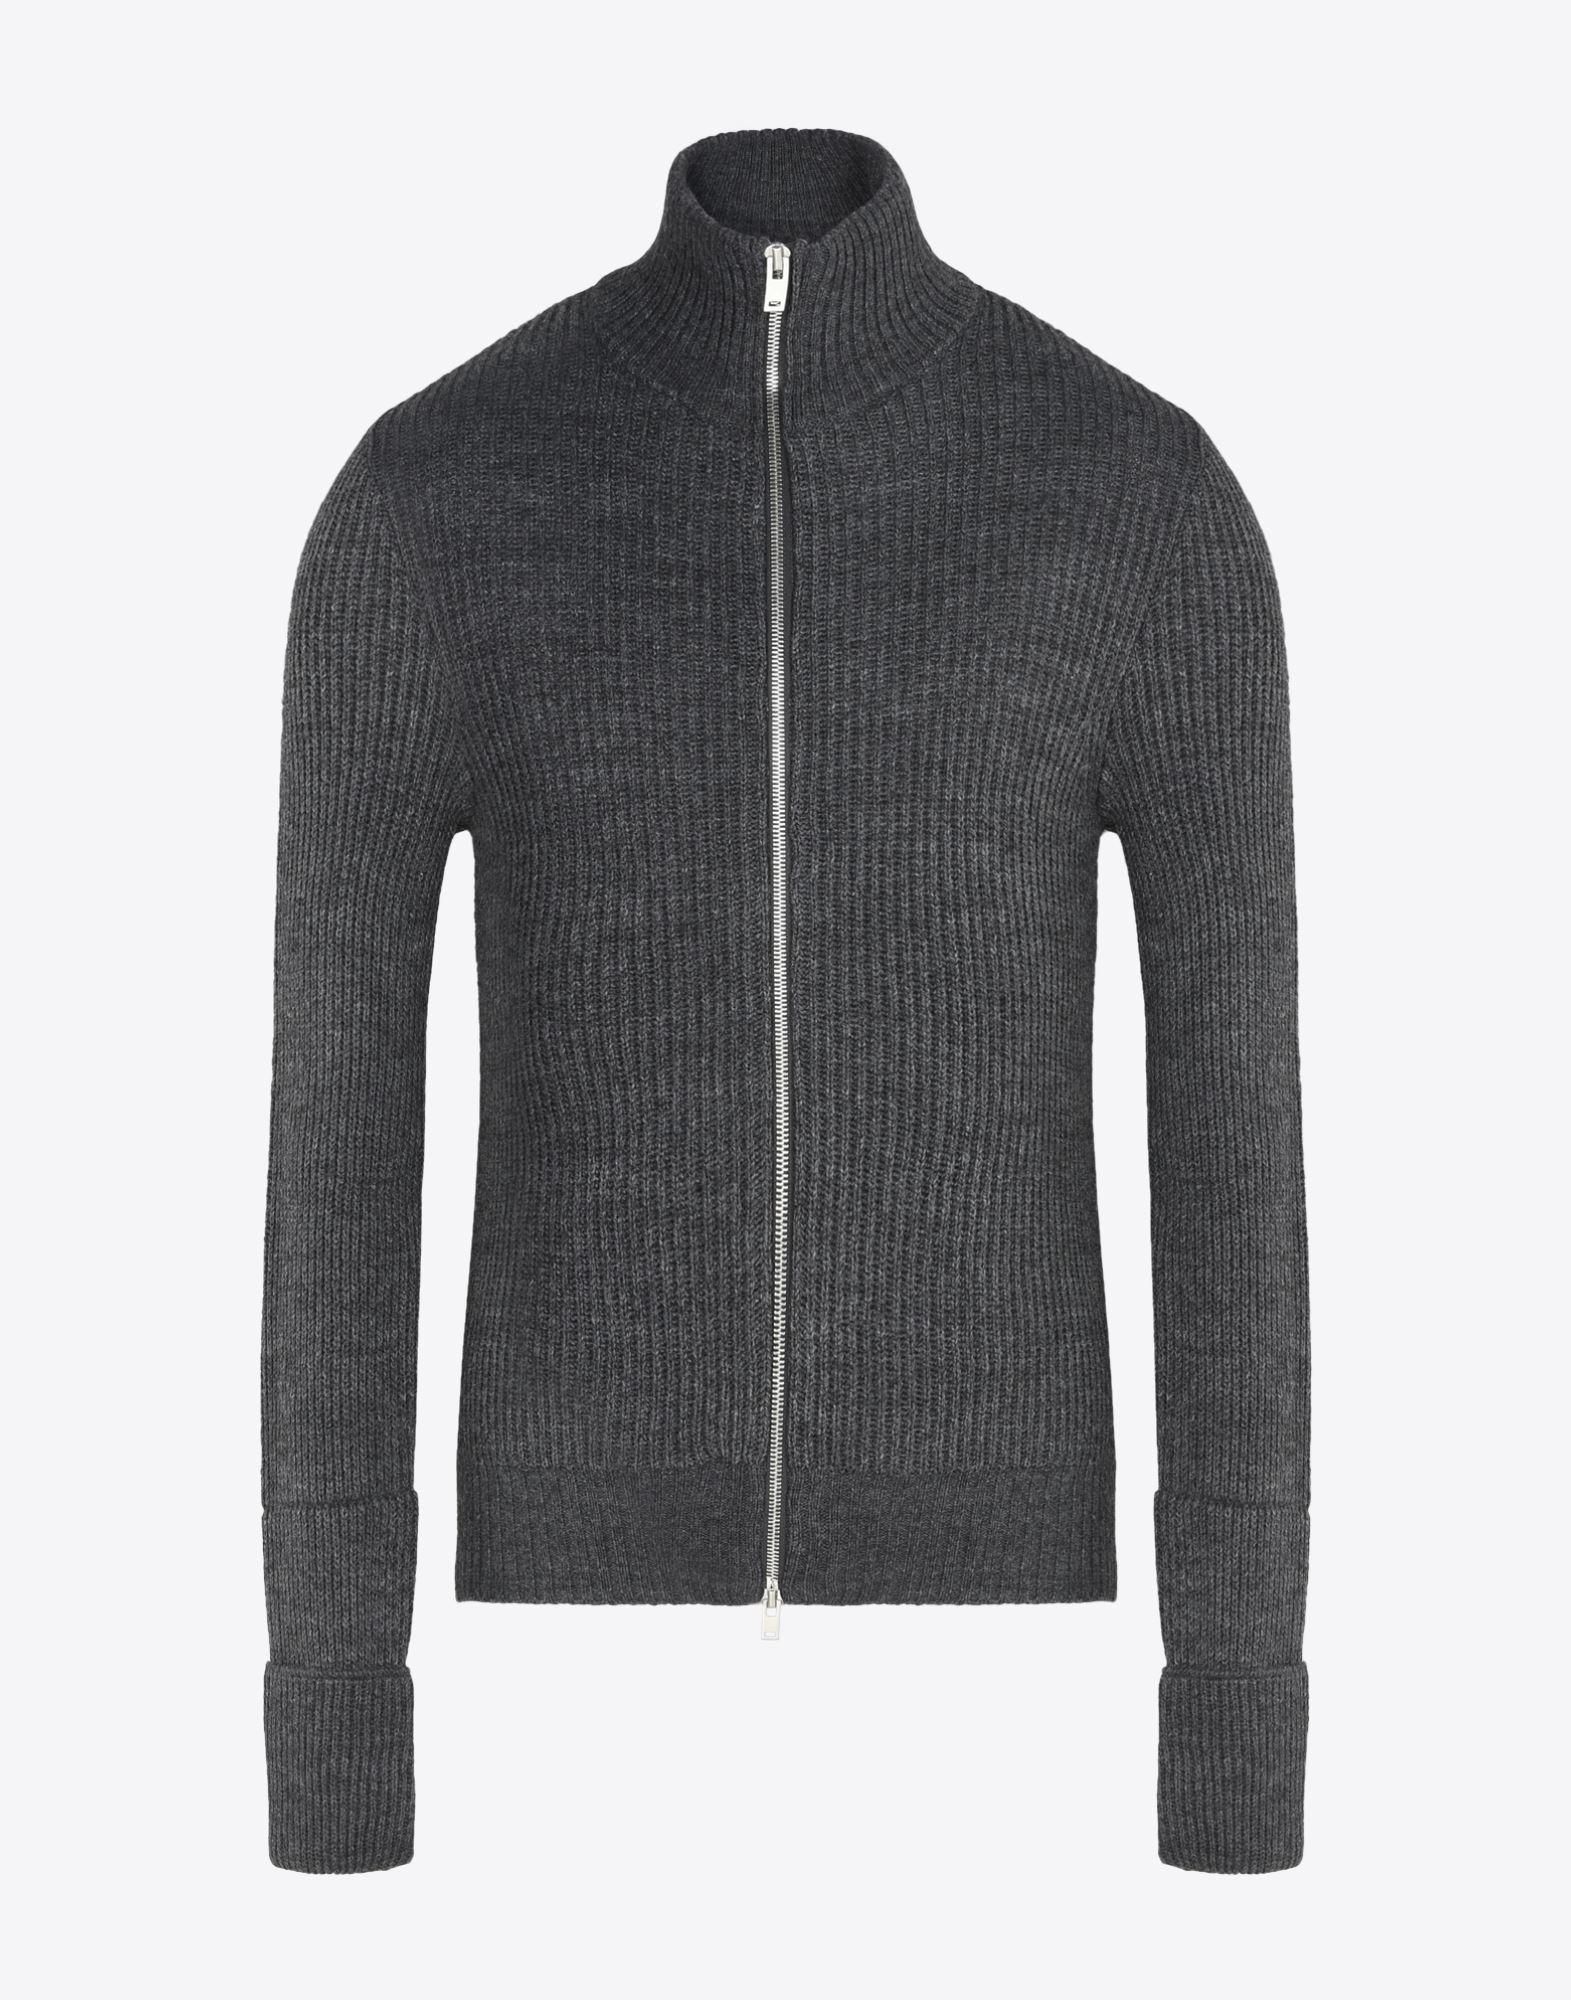 MAISON MARGIELA 14 Sweater mit Reißverschluss Pullover mit Rollkragen Herren f